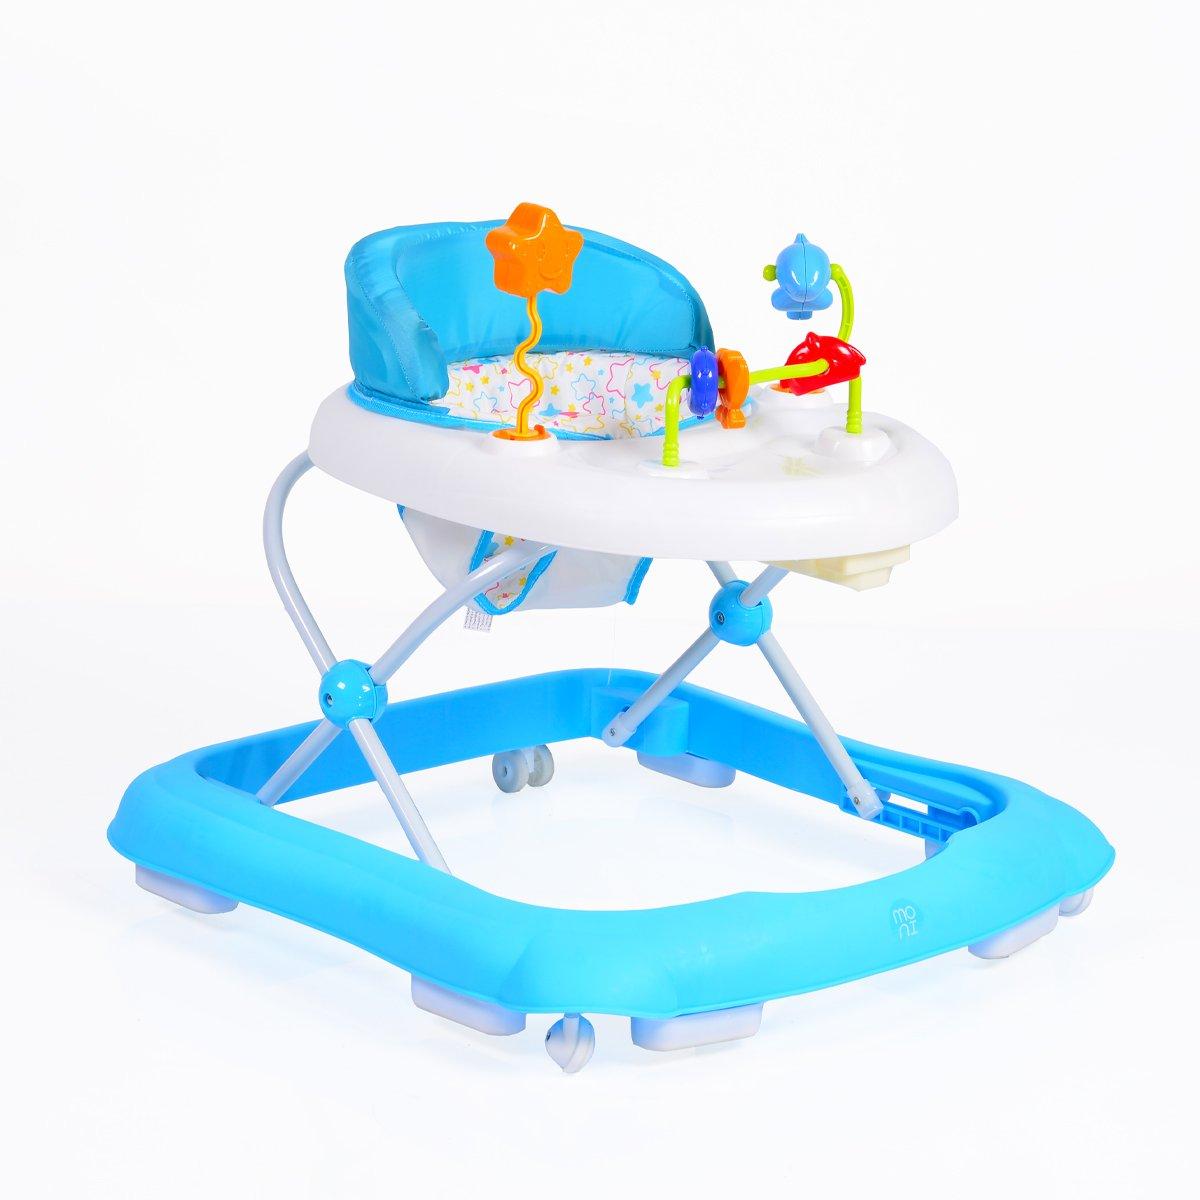 Laufhilfe Eko h/öhenverstellbar Blau gepolsteter Sitz und Spielcenter Lauflernwagen